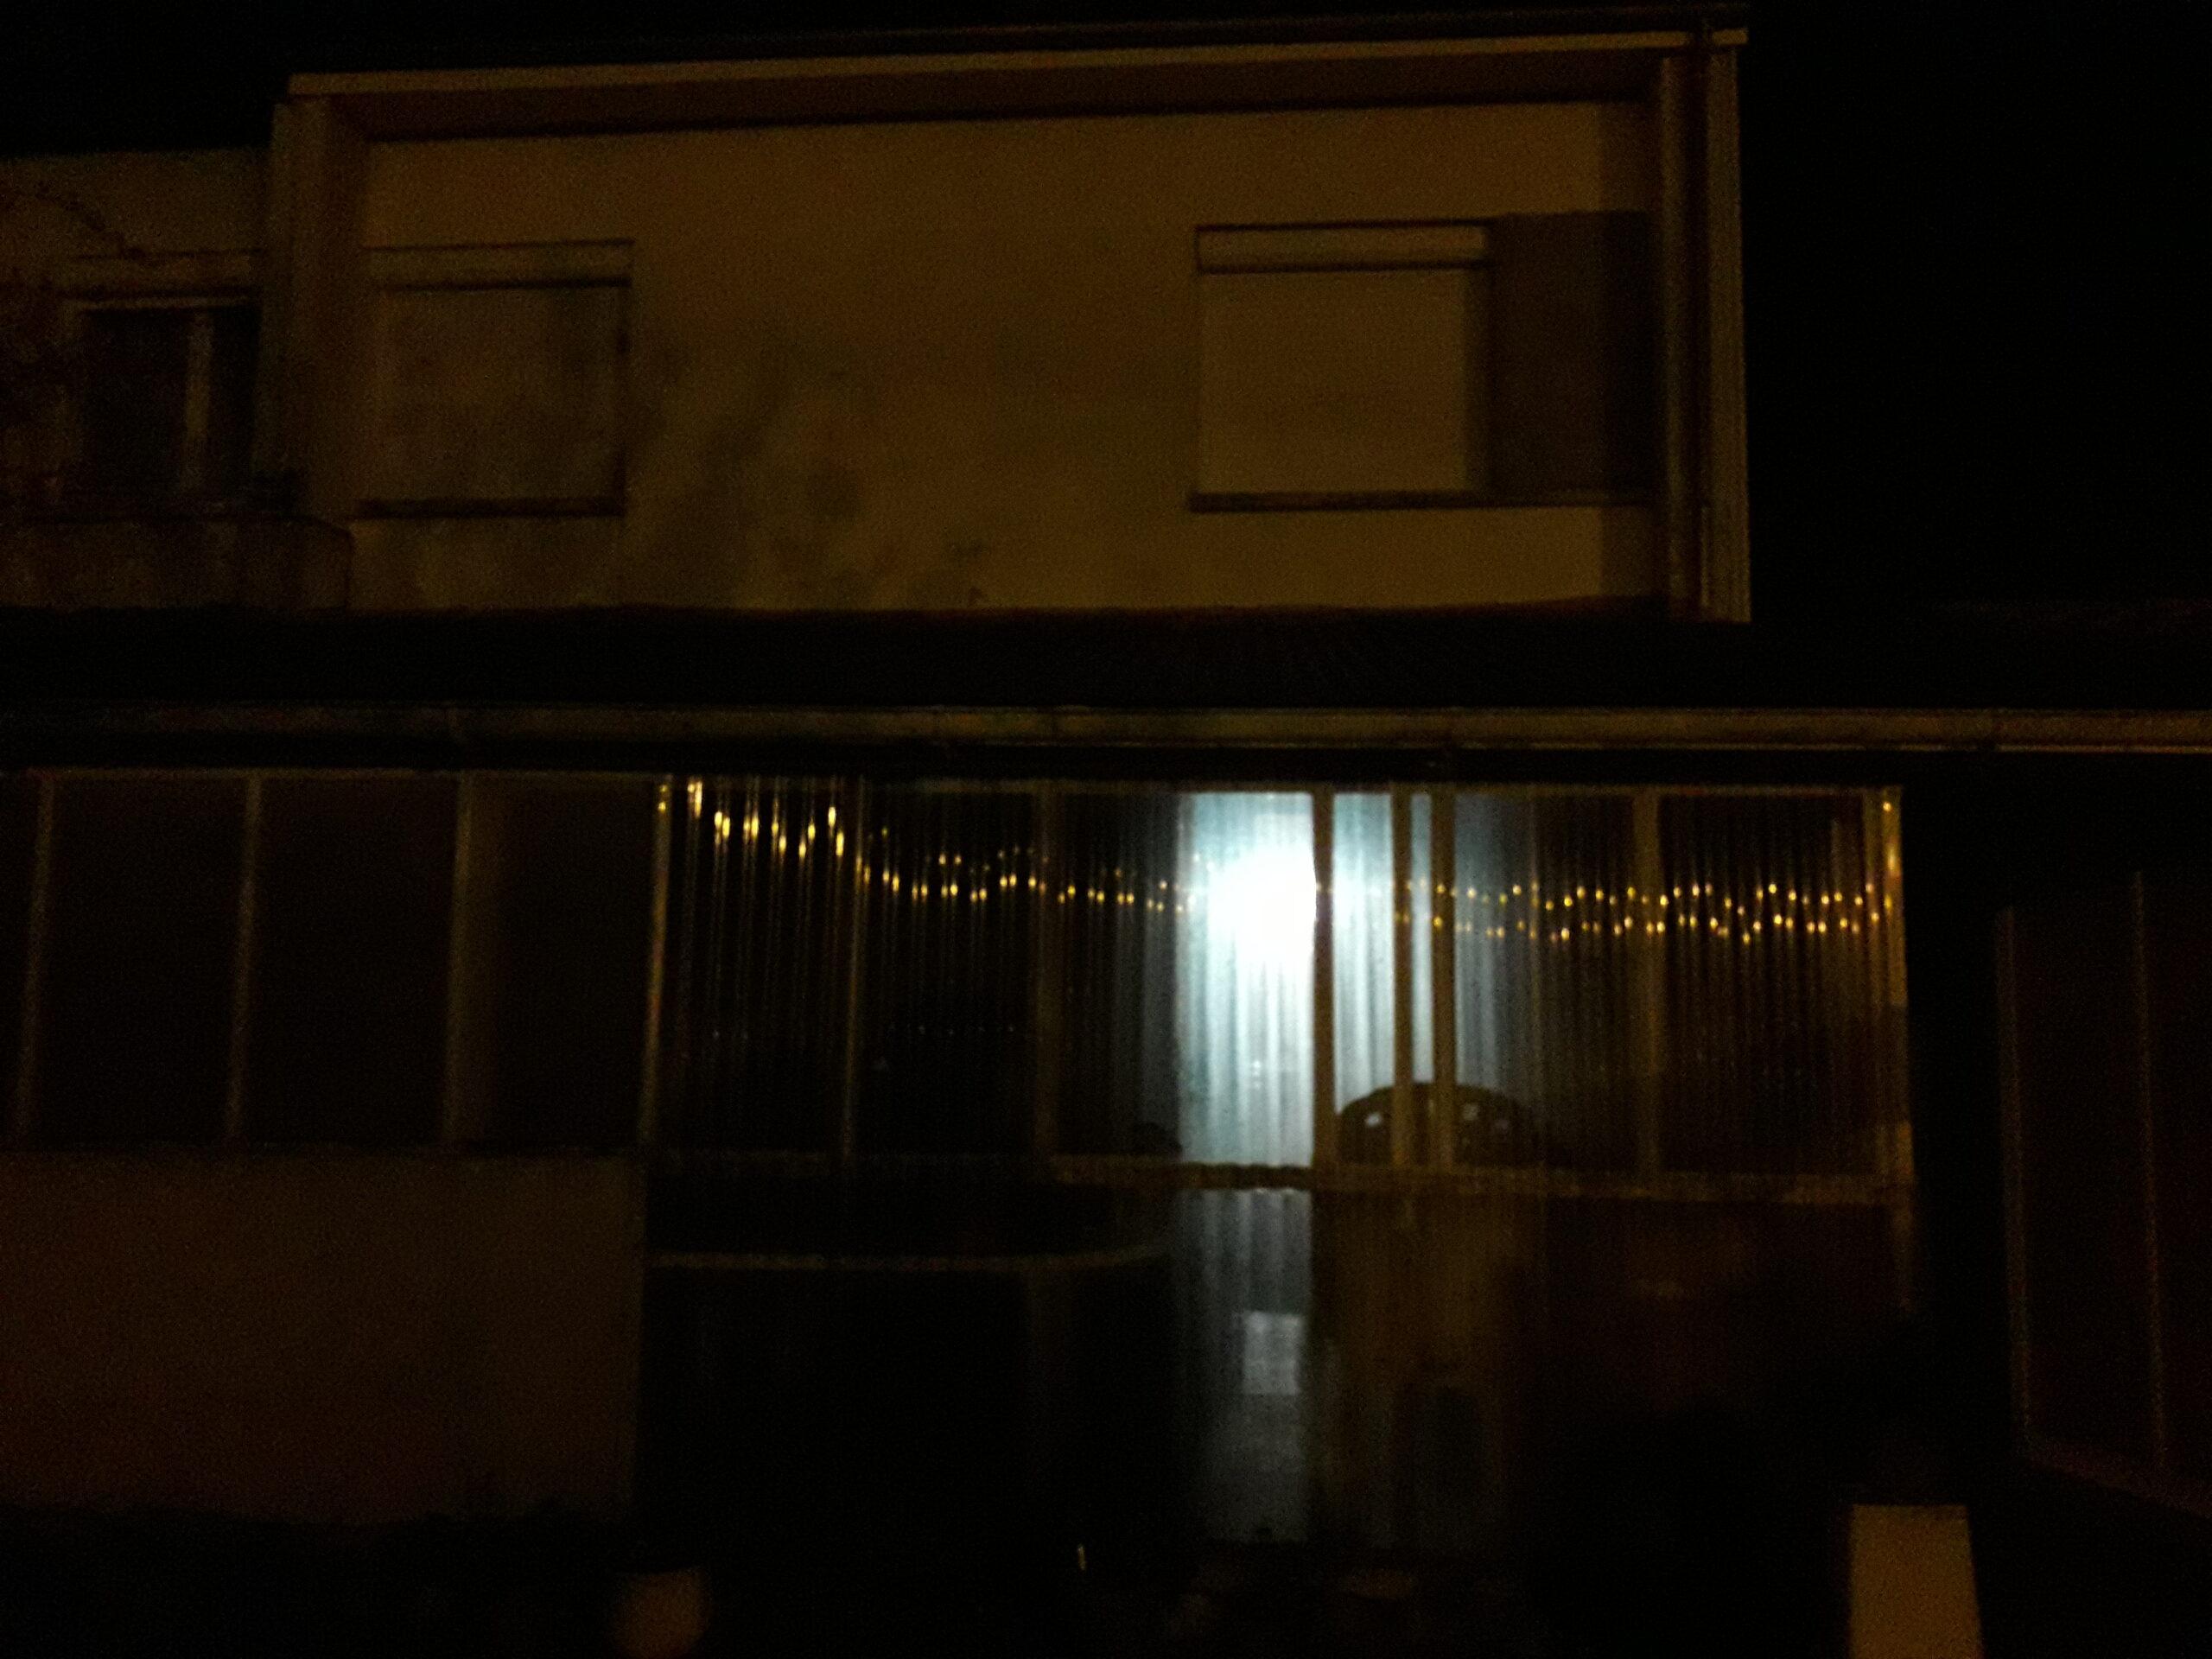 Photographie de la véranda de Nathan Florent de nuit avec les reflets des lampadaires.